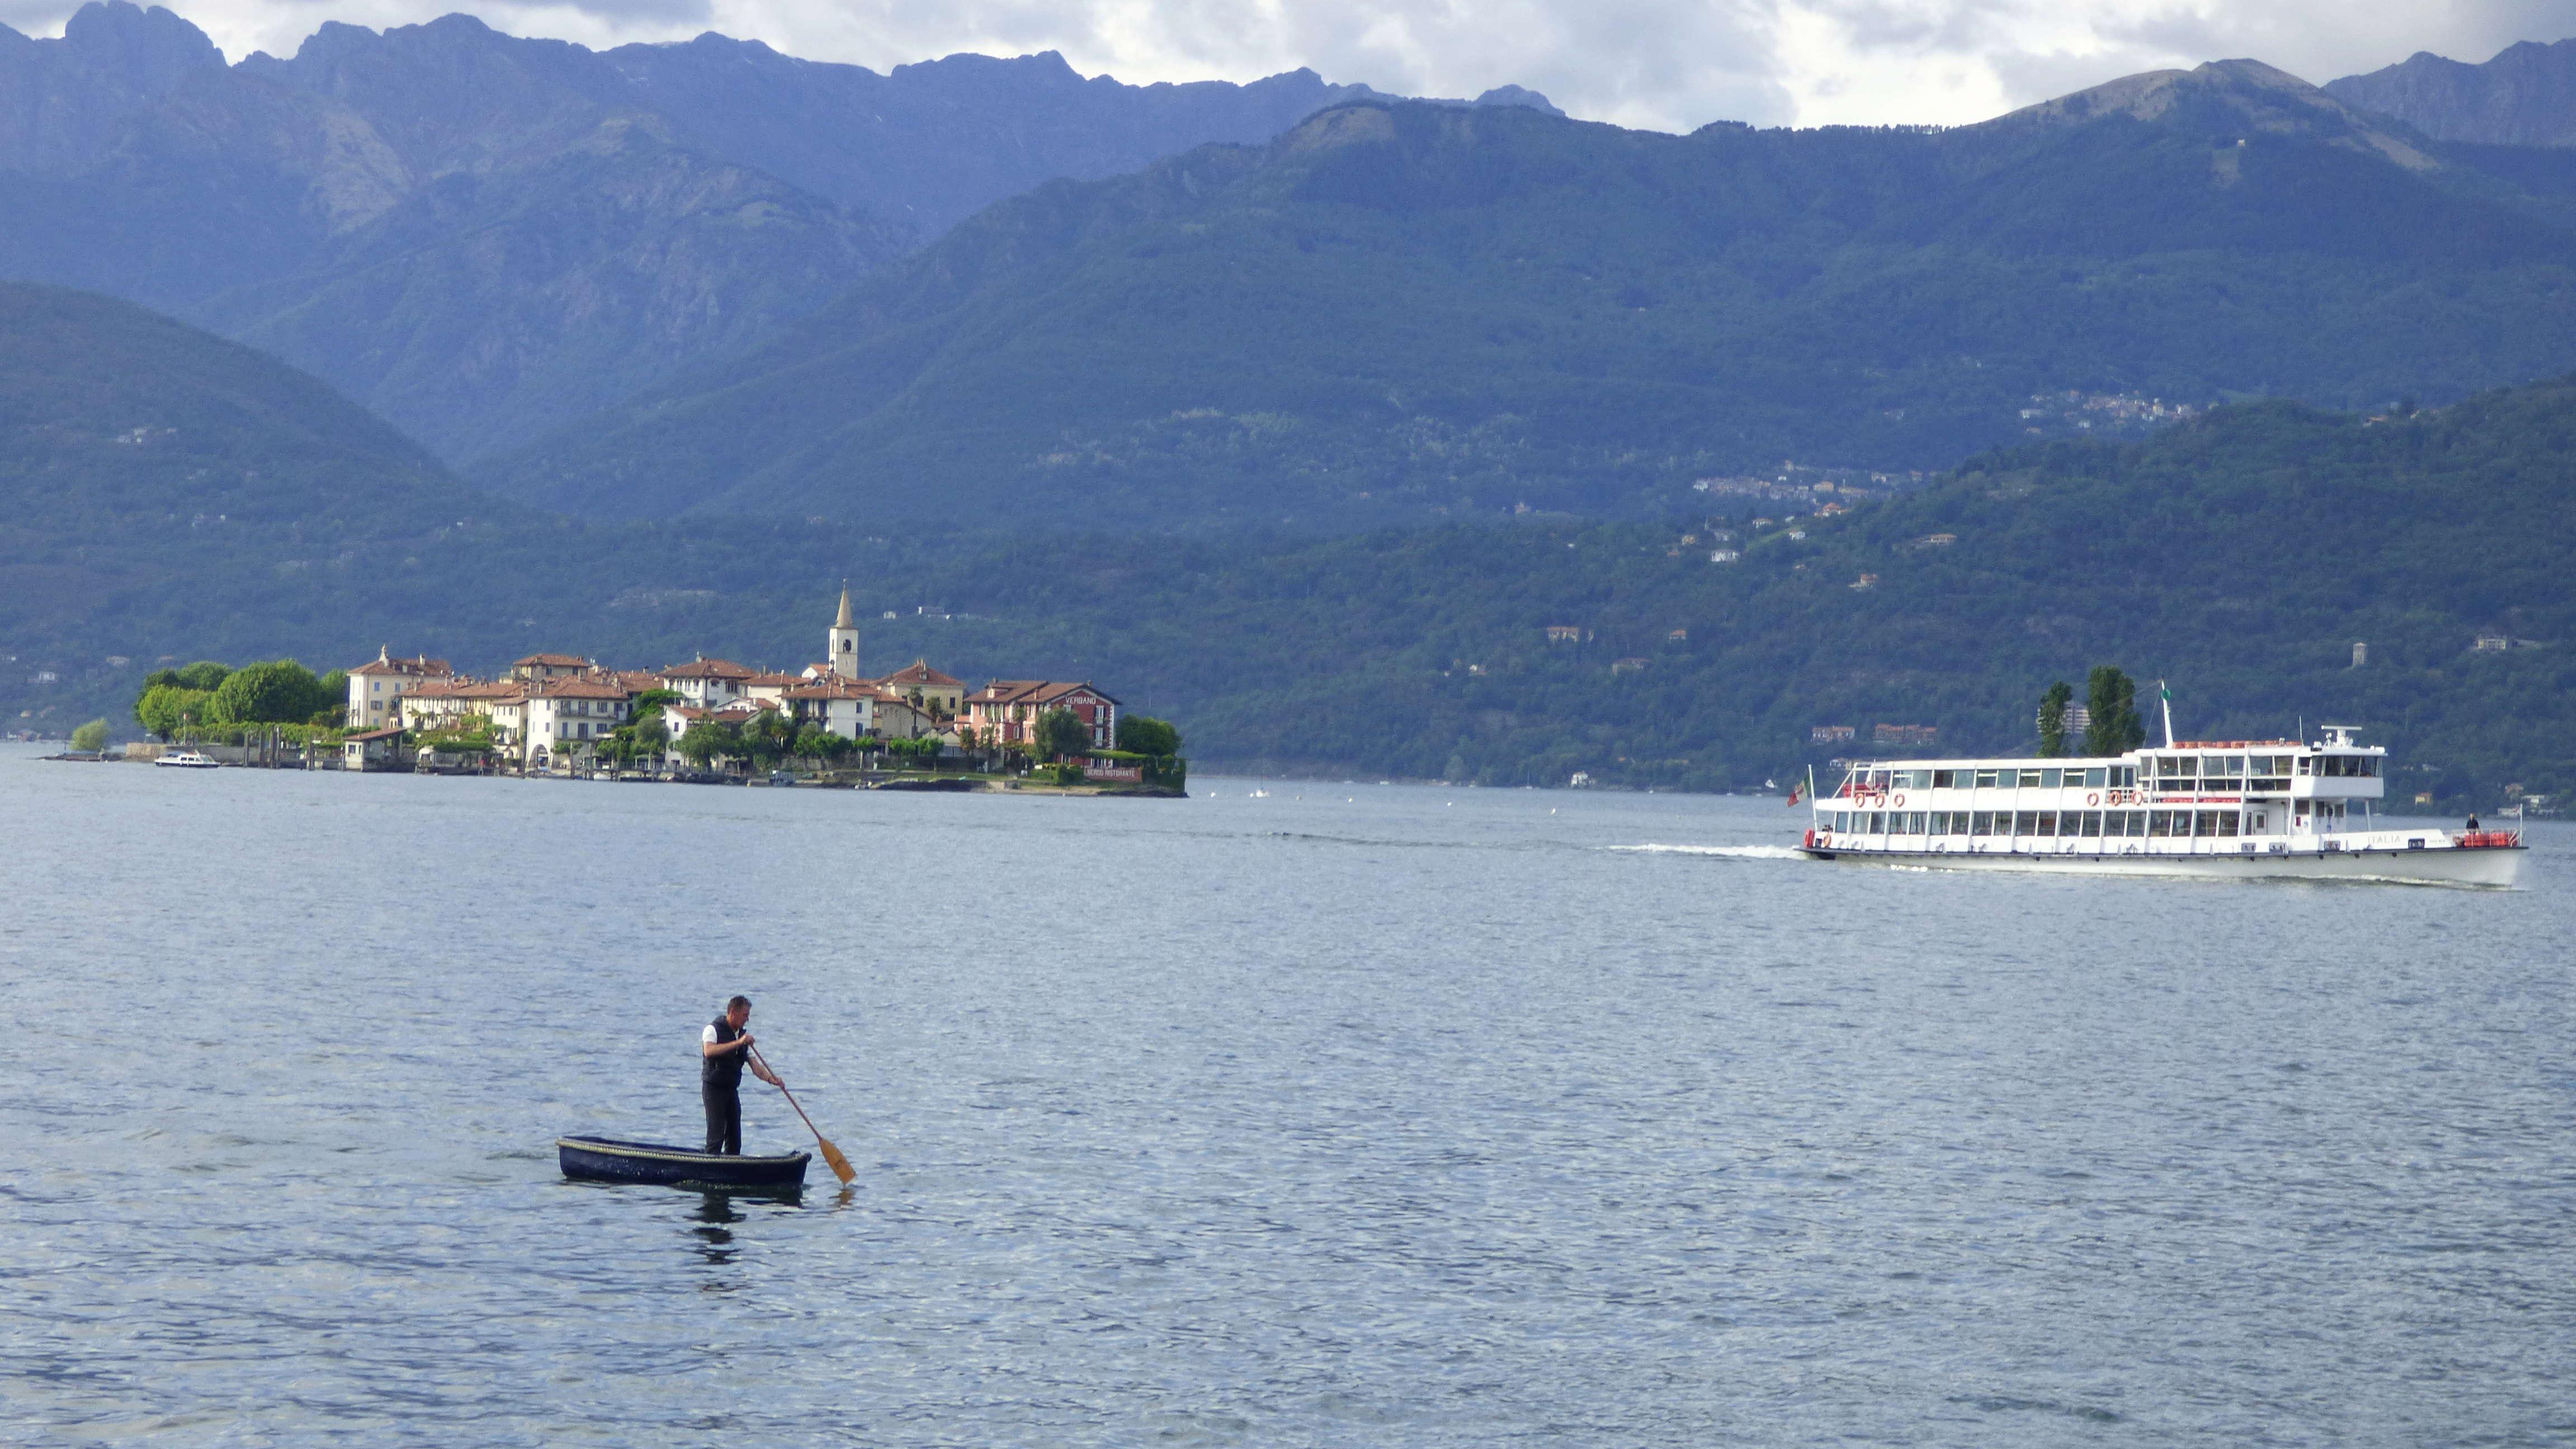 Au retour de vacances dans la région des lacs Italiens P1030122